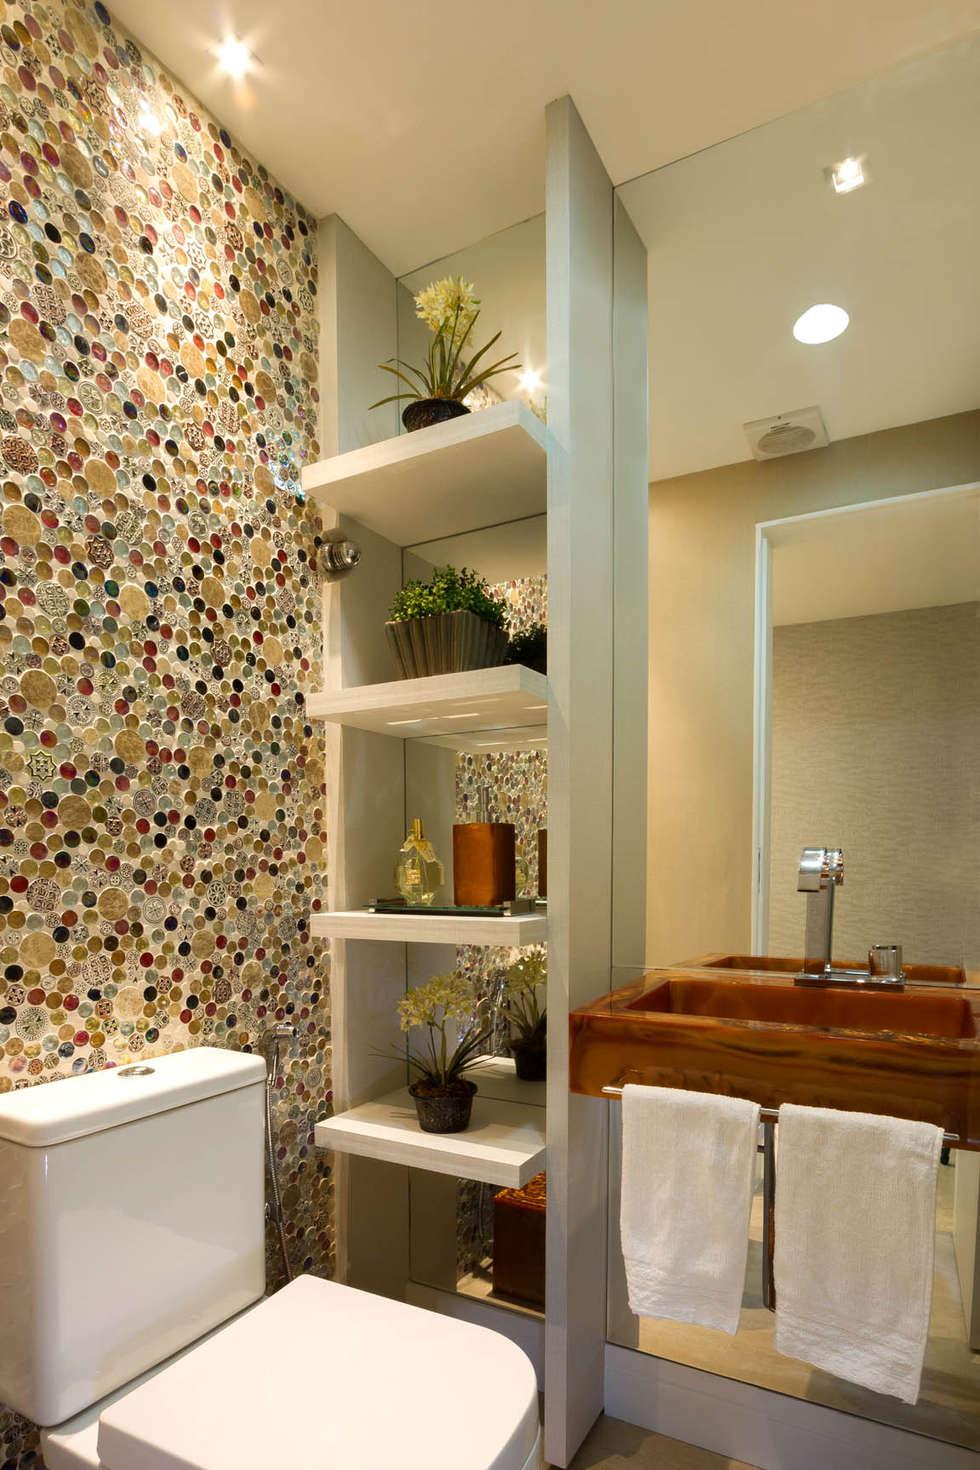 Baños de estilo clásico por Cris Nunes Arquiteta